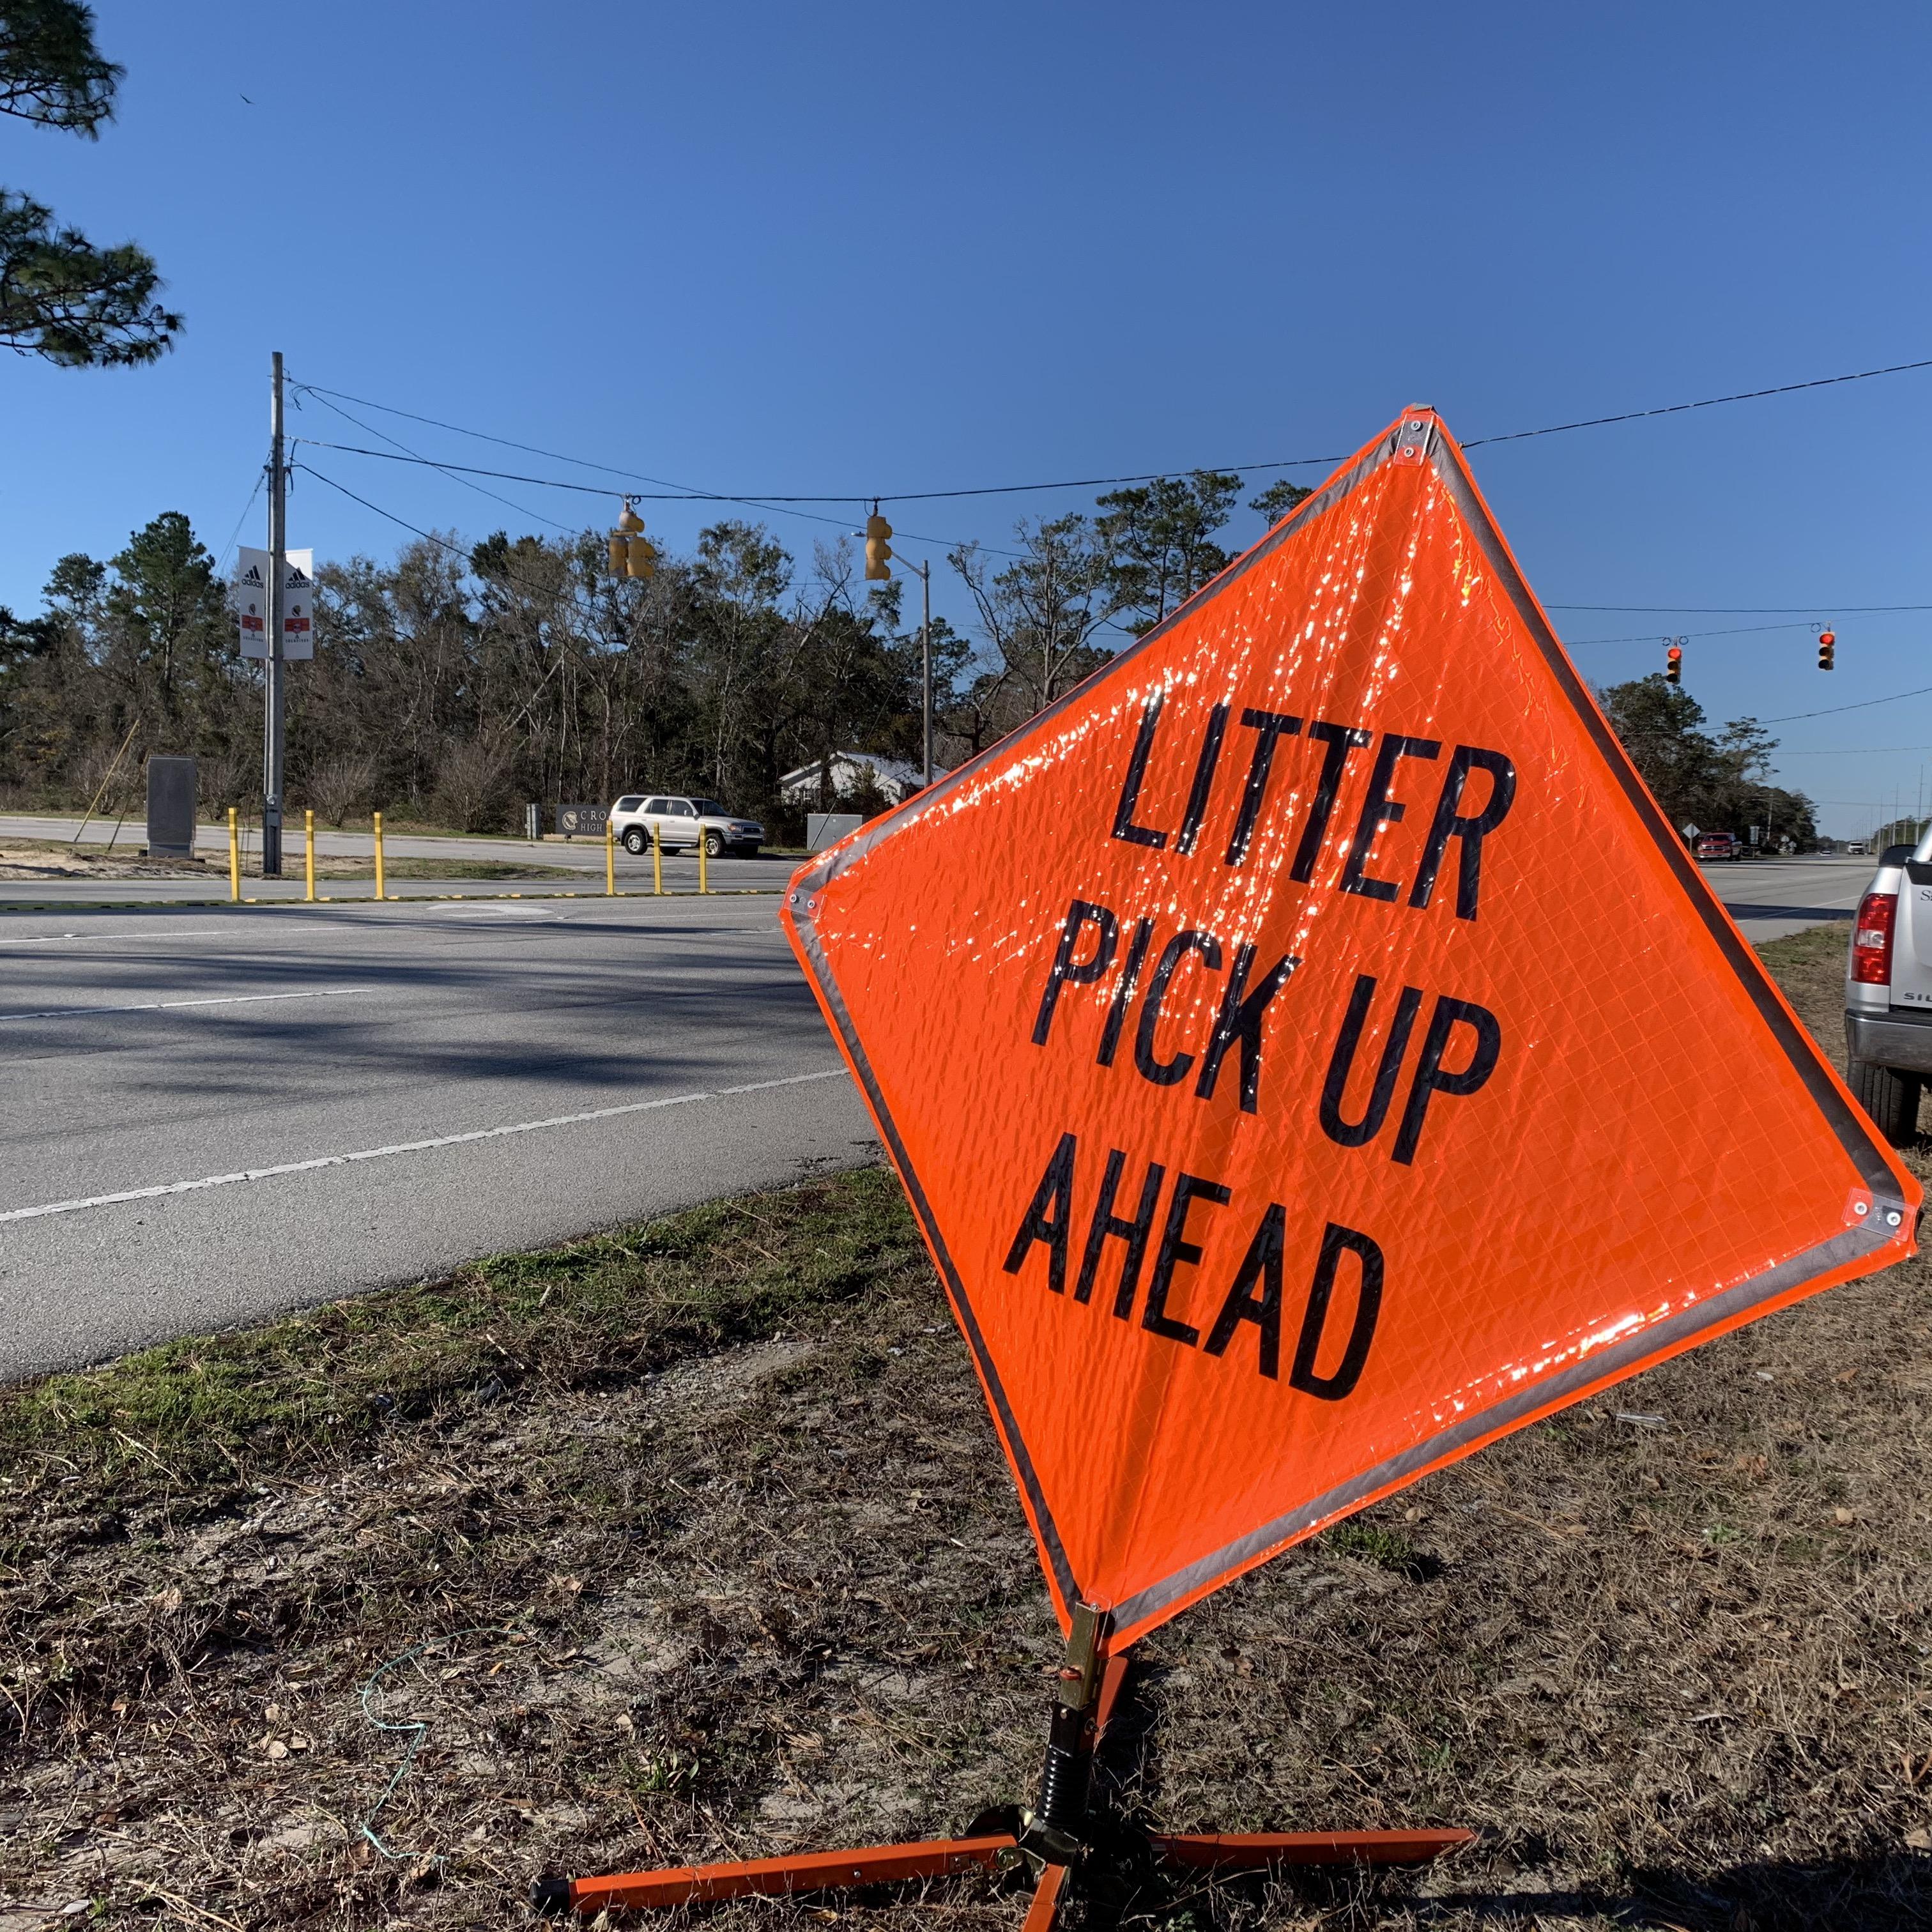 Litter Pickup Sign